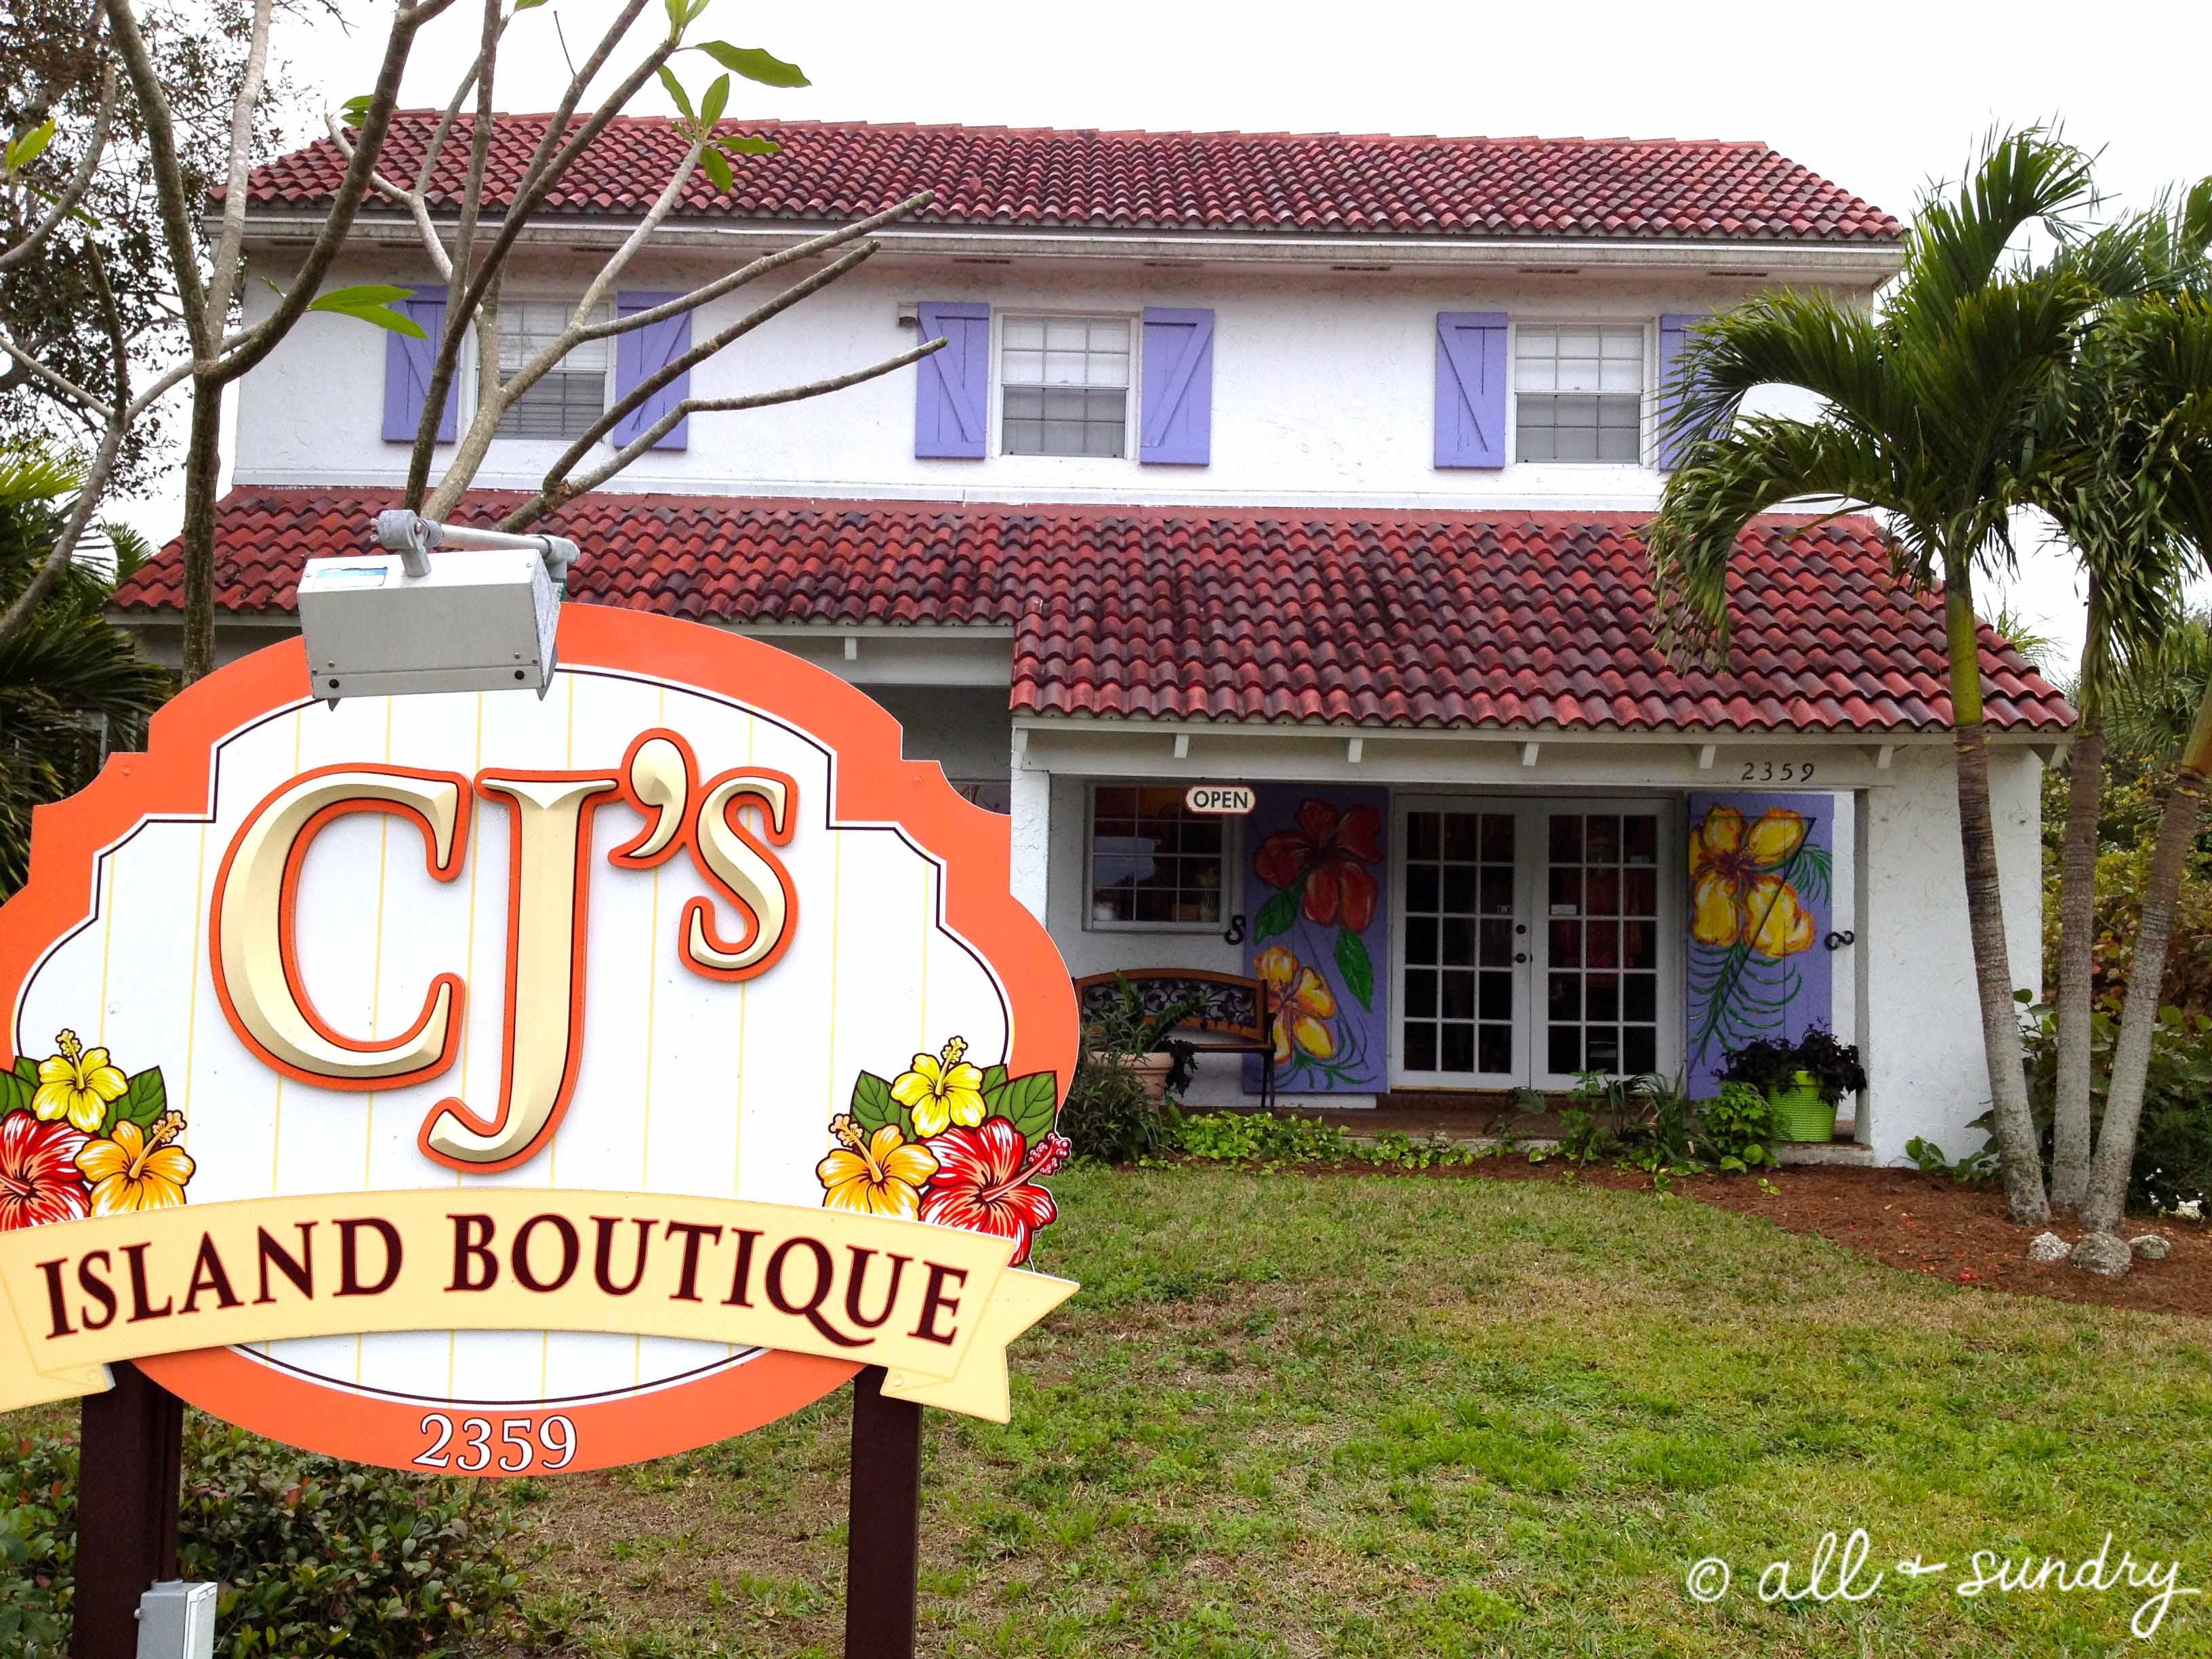 CJ's Island Boutique